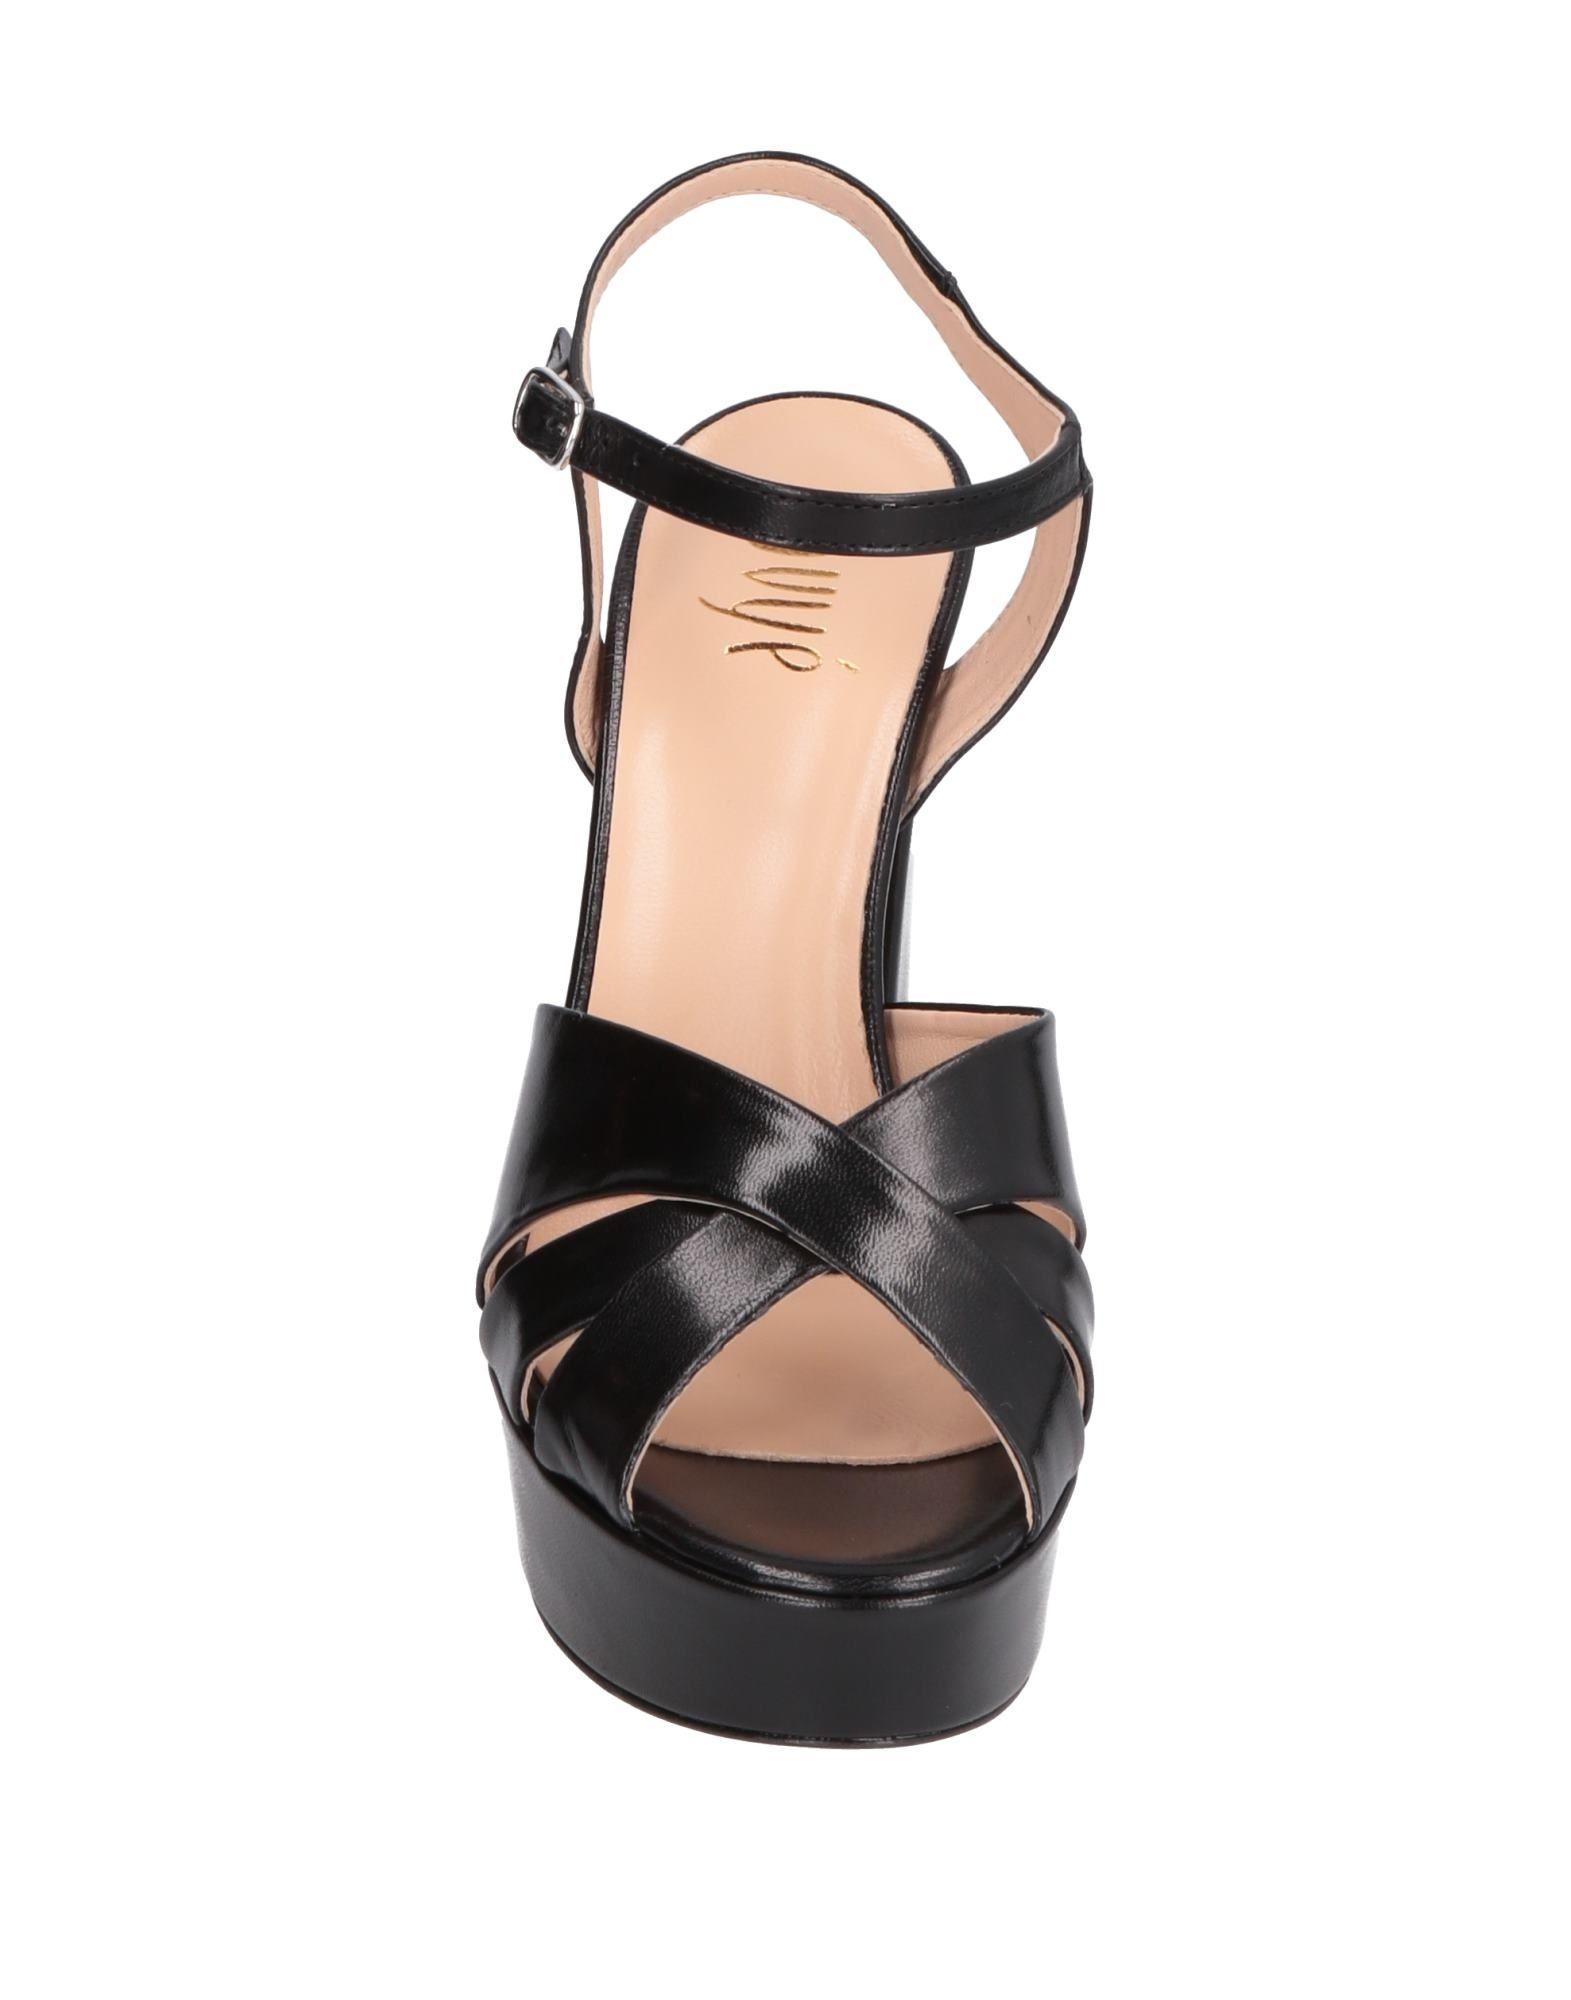 ovye & # 39; par sandales cristina lucchi sandales par - femmes ovye & # 39; par cristina lucchi 11569174er sandales en ligne le royaume - uni - efcb4d